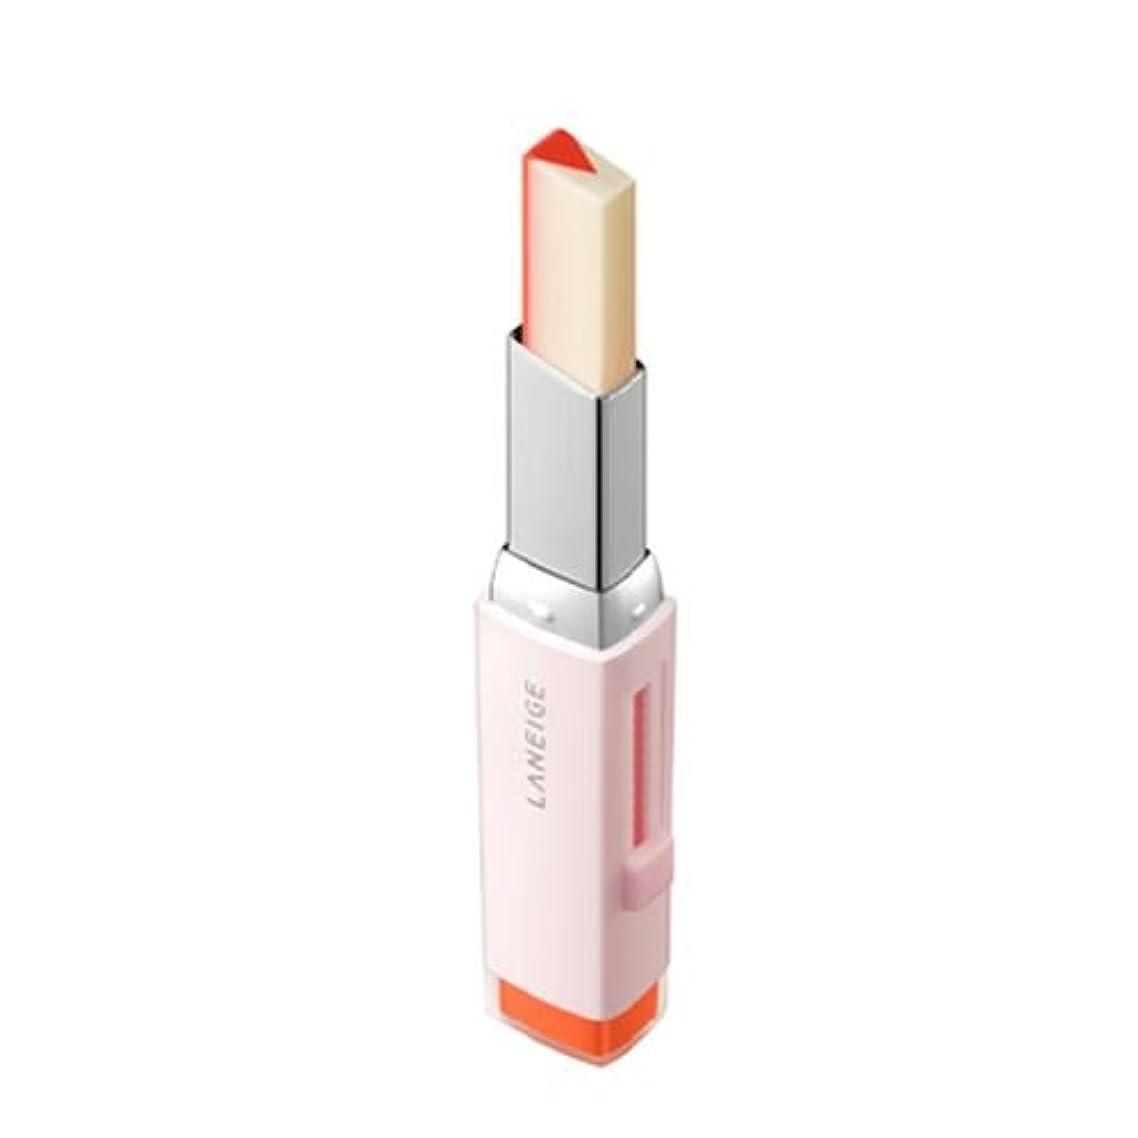 式睡眠から聞く[New] LANEIGE Two Tone Tint Lip Bar 2g/ラネージュ ツー トーン ティント リップ バー 2g (#02 Tangeine Slice) [並行輸入品]